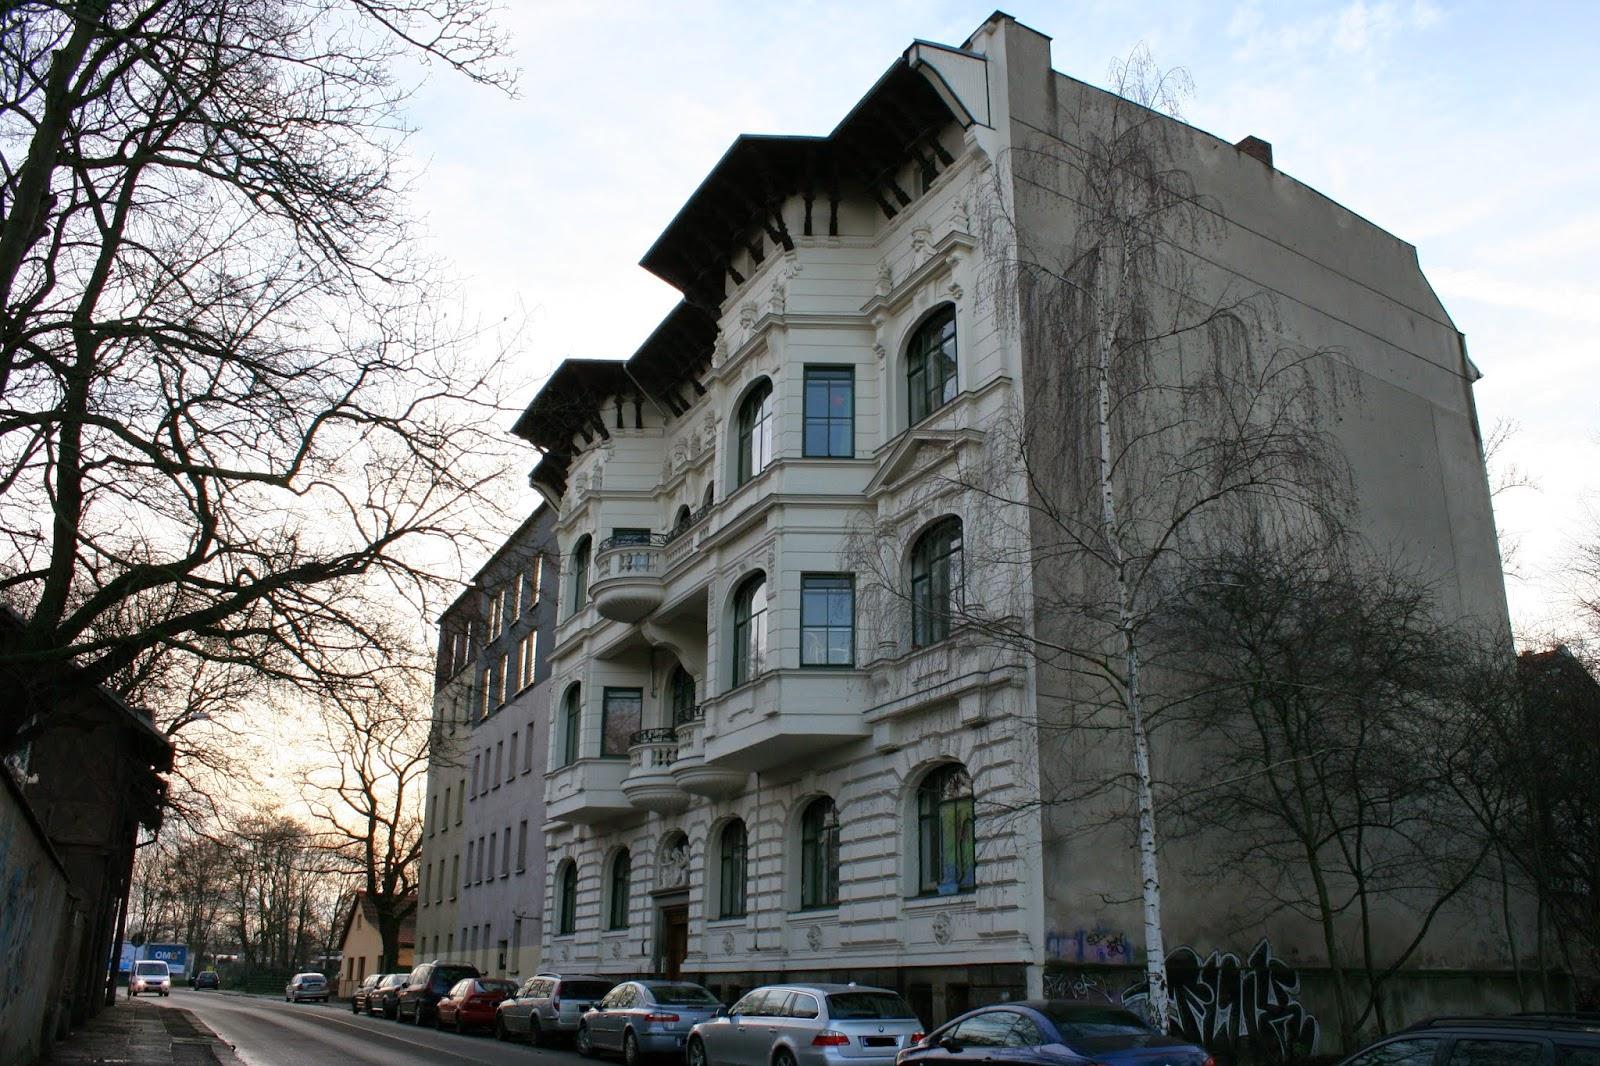 """Der Volksmund bezeichnet die """"Leonhardsche Villa"""" als das """"Monte Carlo Haus"""", da der Erbauer diese wohl nach einem Strandhaus im selbigen Monte Carlo nachempfand"""